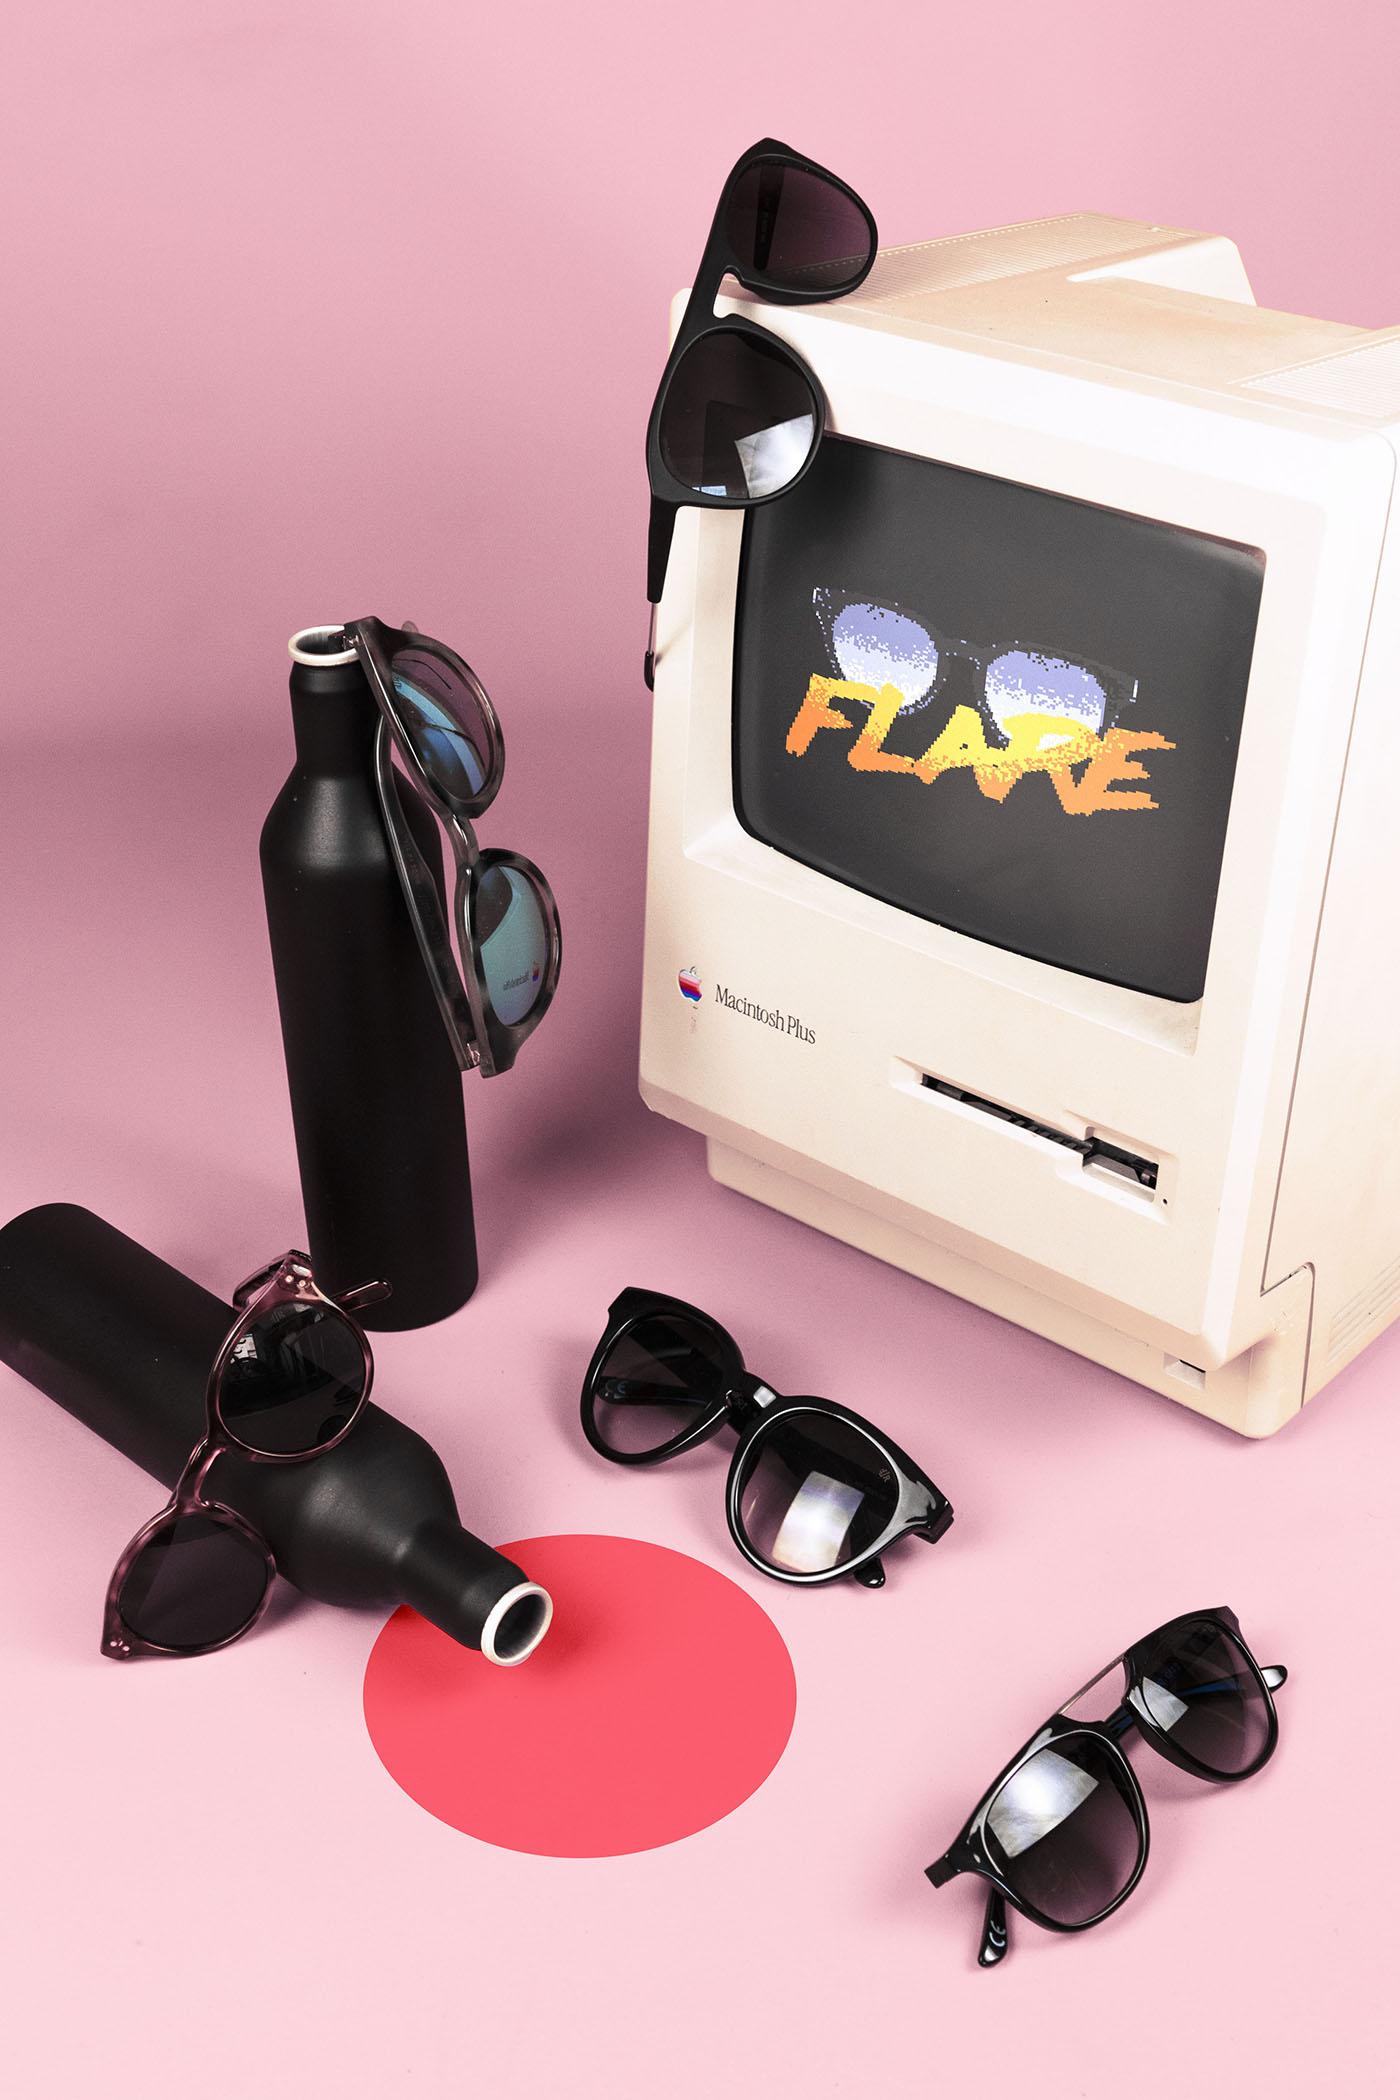 Mac Flare.jpg